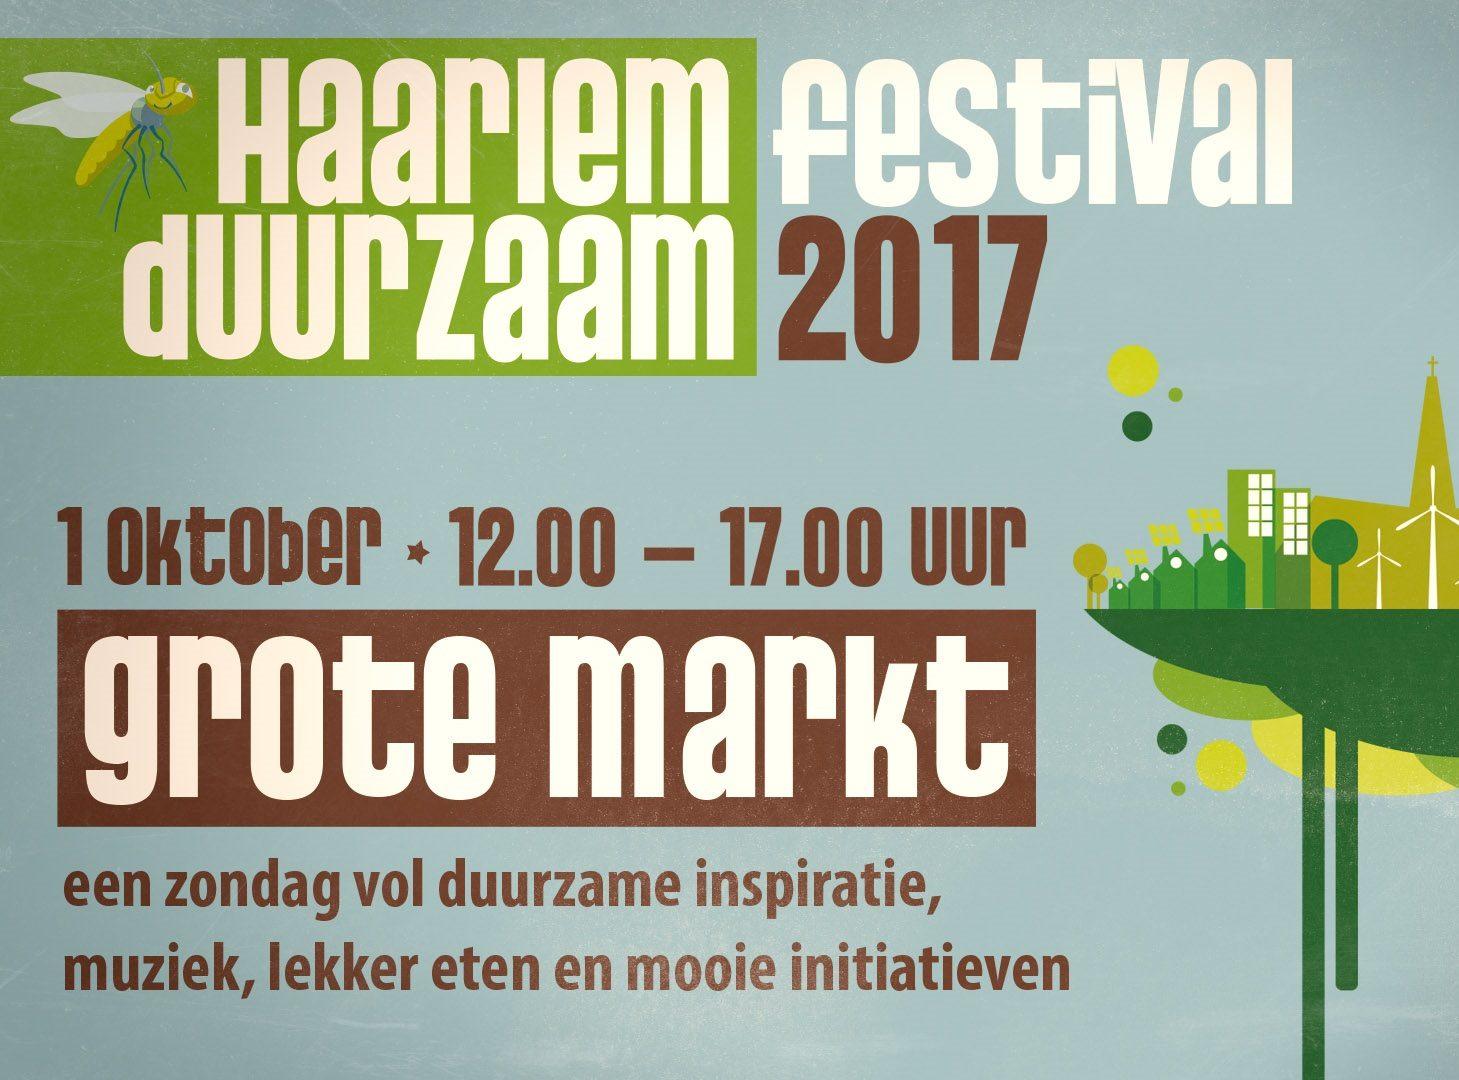 Haarlem Duurzaam Festival 2017